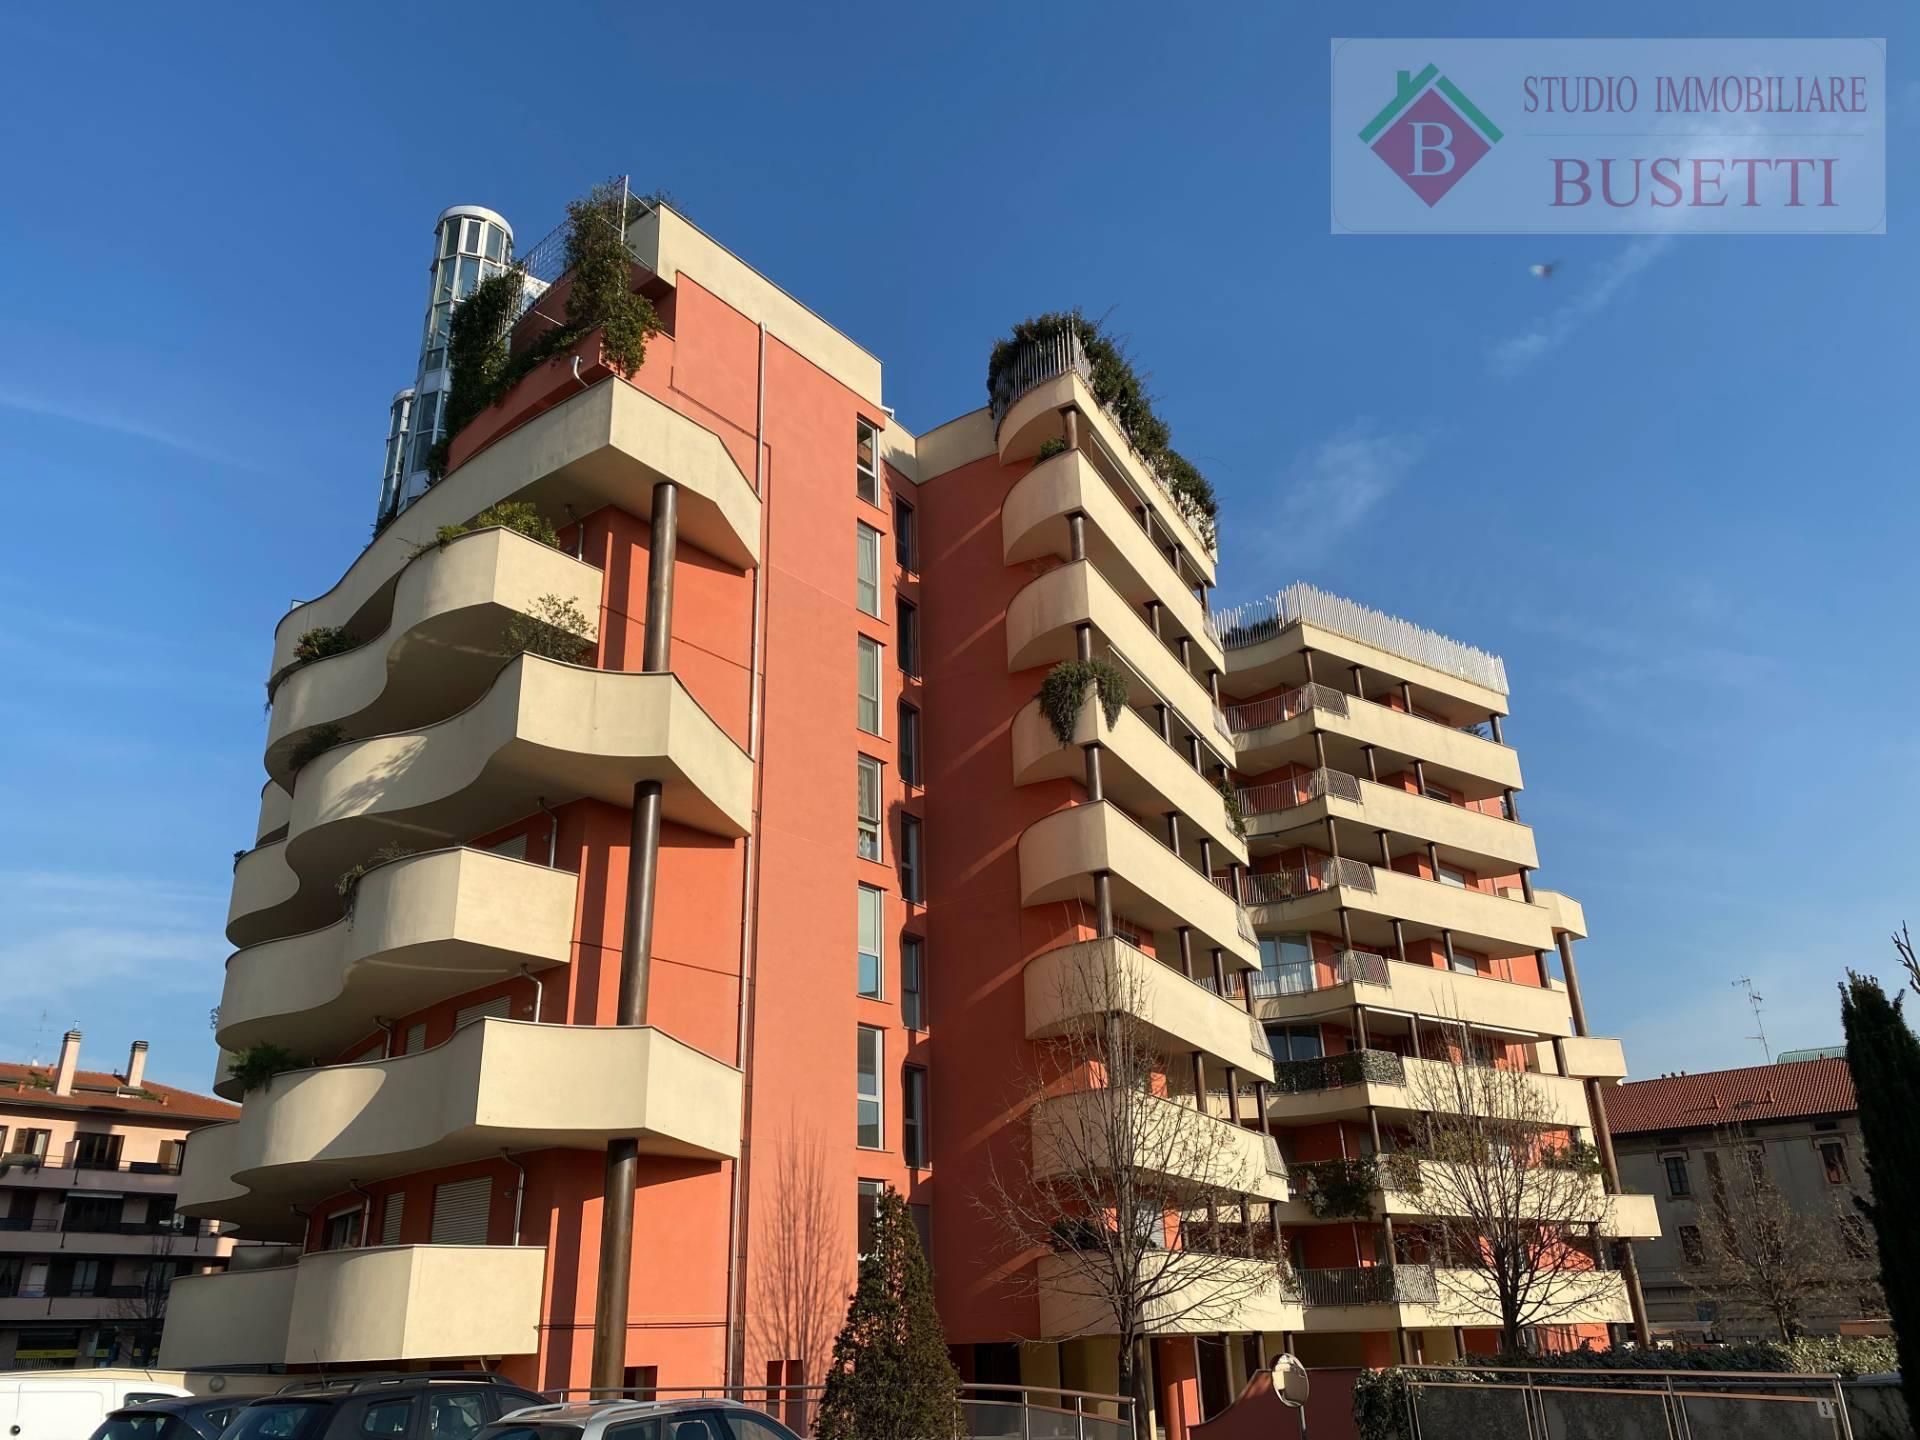 Appartamento in vendita a Legnano, 2 locali, zona ro, prezzo € 220.000   PortaleAgenzieImmobiliari.it